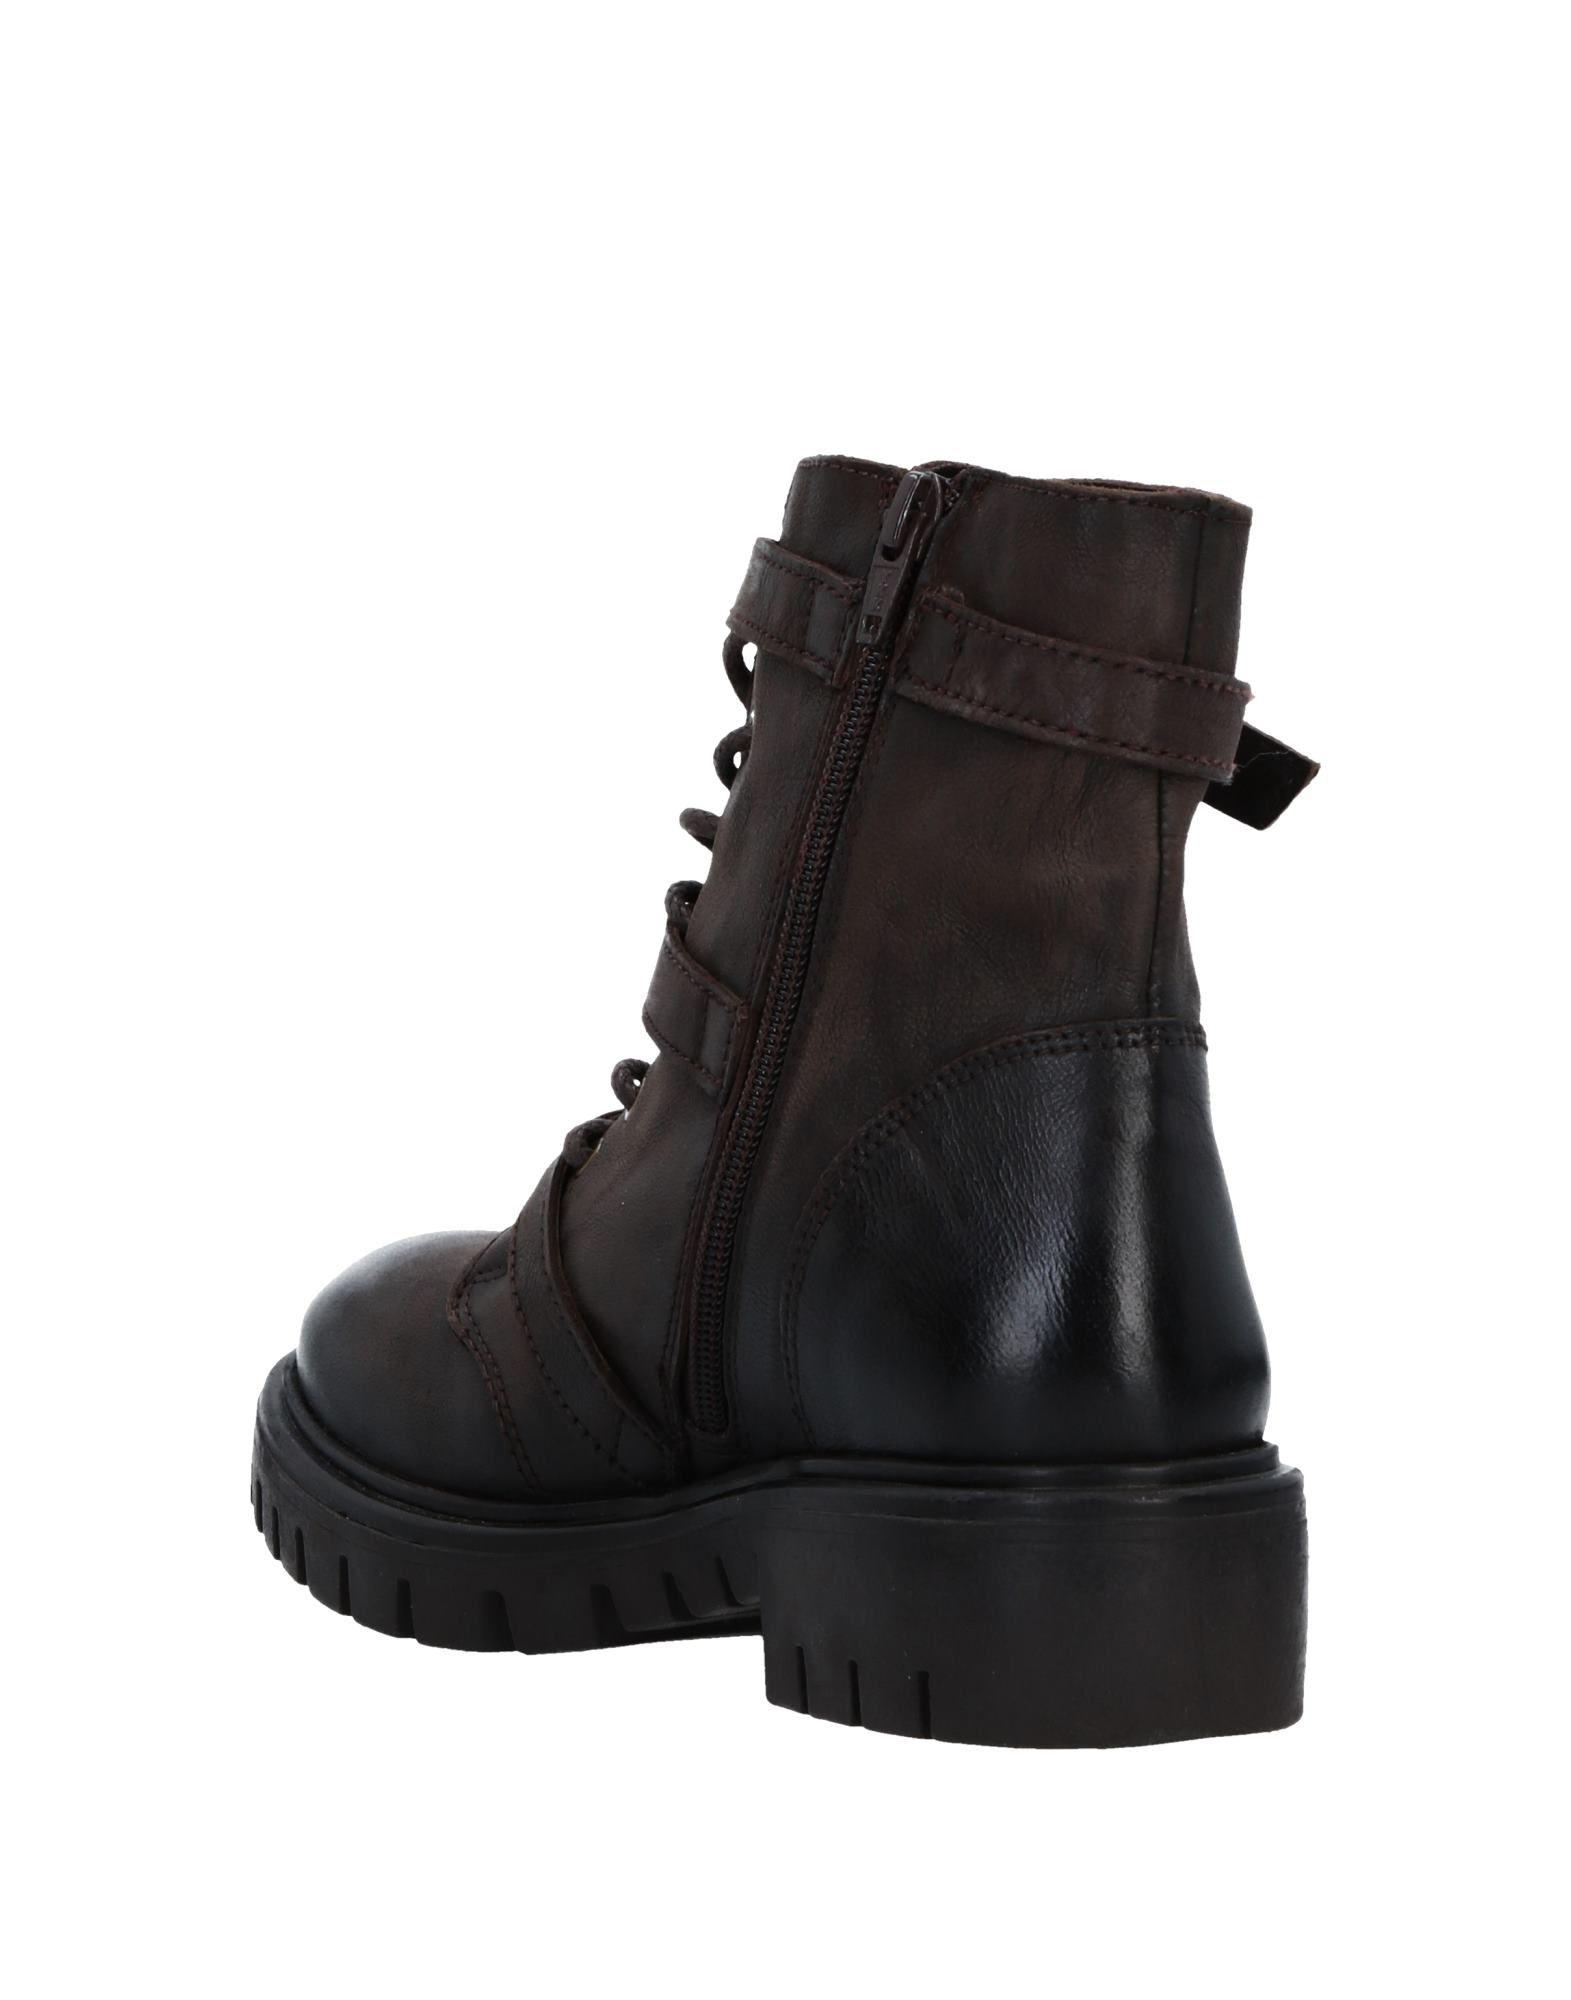 Inuovo Stiefelette Qualität Damen  11533008VD Gute Qualität Stiefelette beliebte Schuhe fac06e